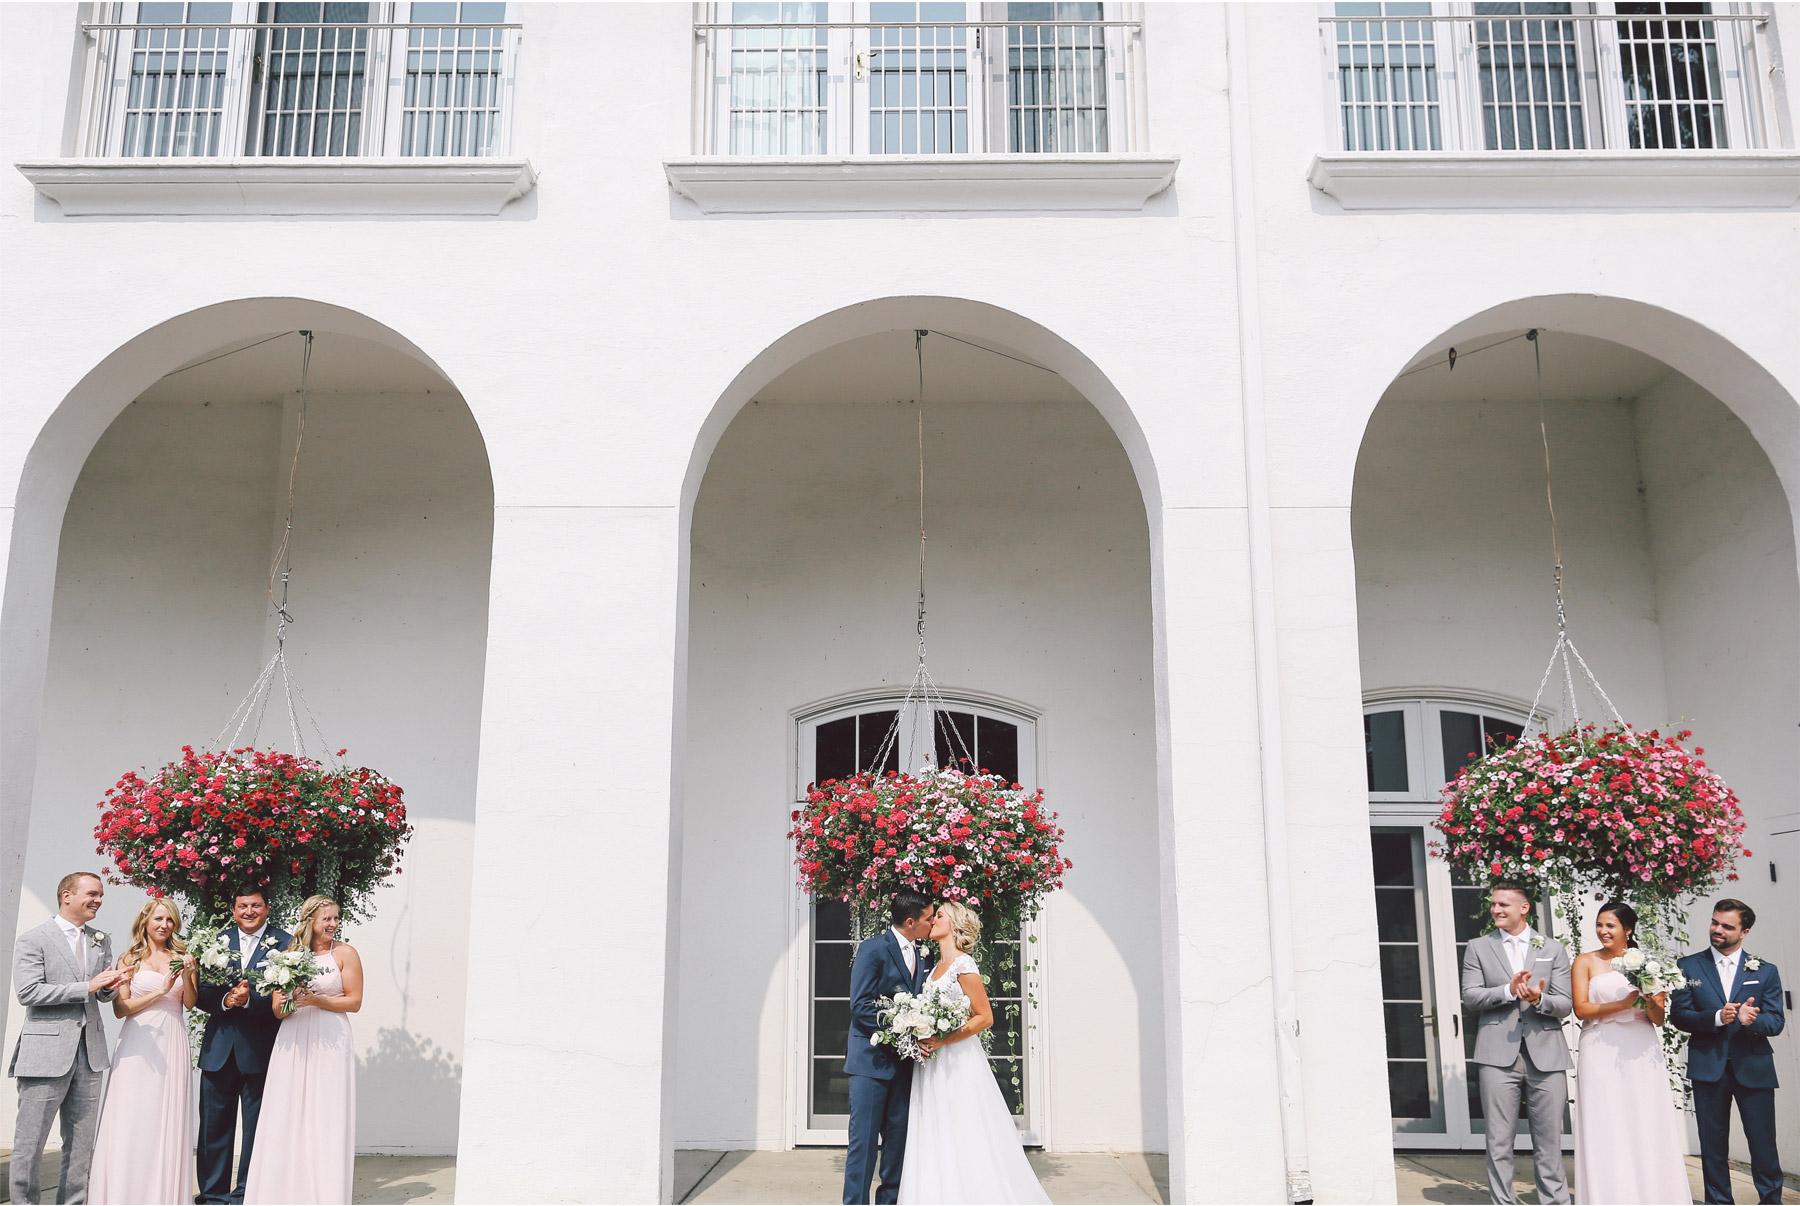 12-Minnetonka-Minnesota-Wedding-Photography-by-Vick-Photography-Lafayette-Club-Wedding-Party-Group-Jennifer-and-Adam.jpg